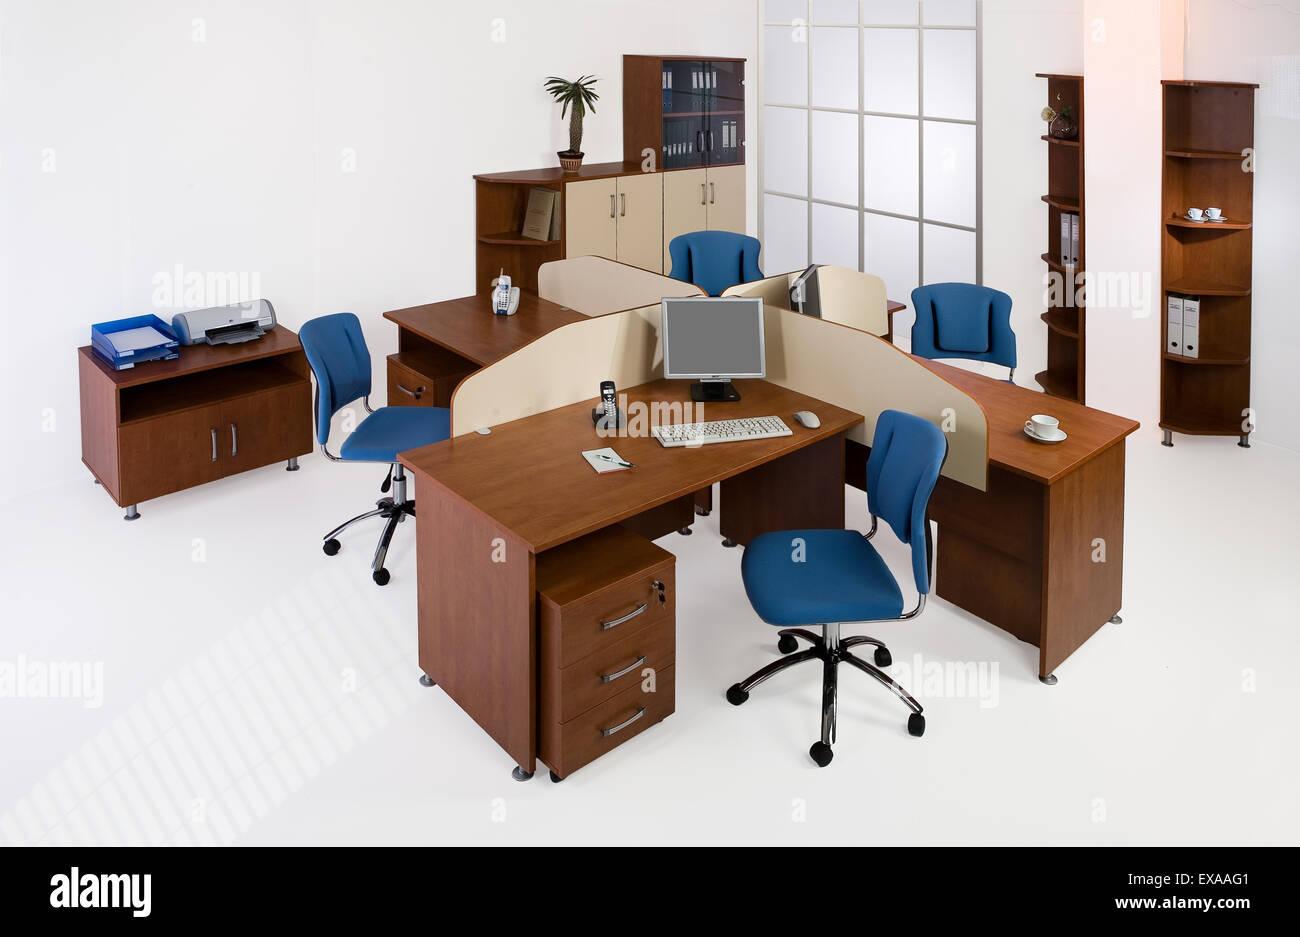 Architektur; Brett; Braun; Geschäft; Stuhl; reinigen; kommerzielle ...